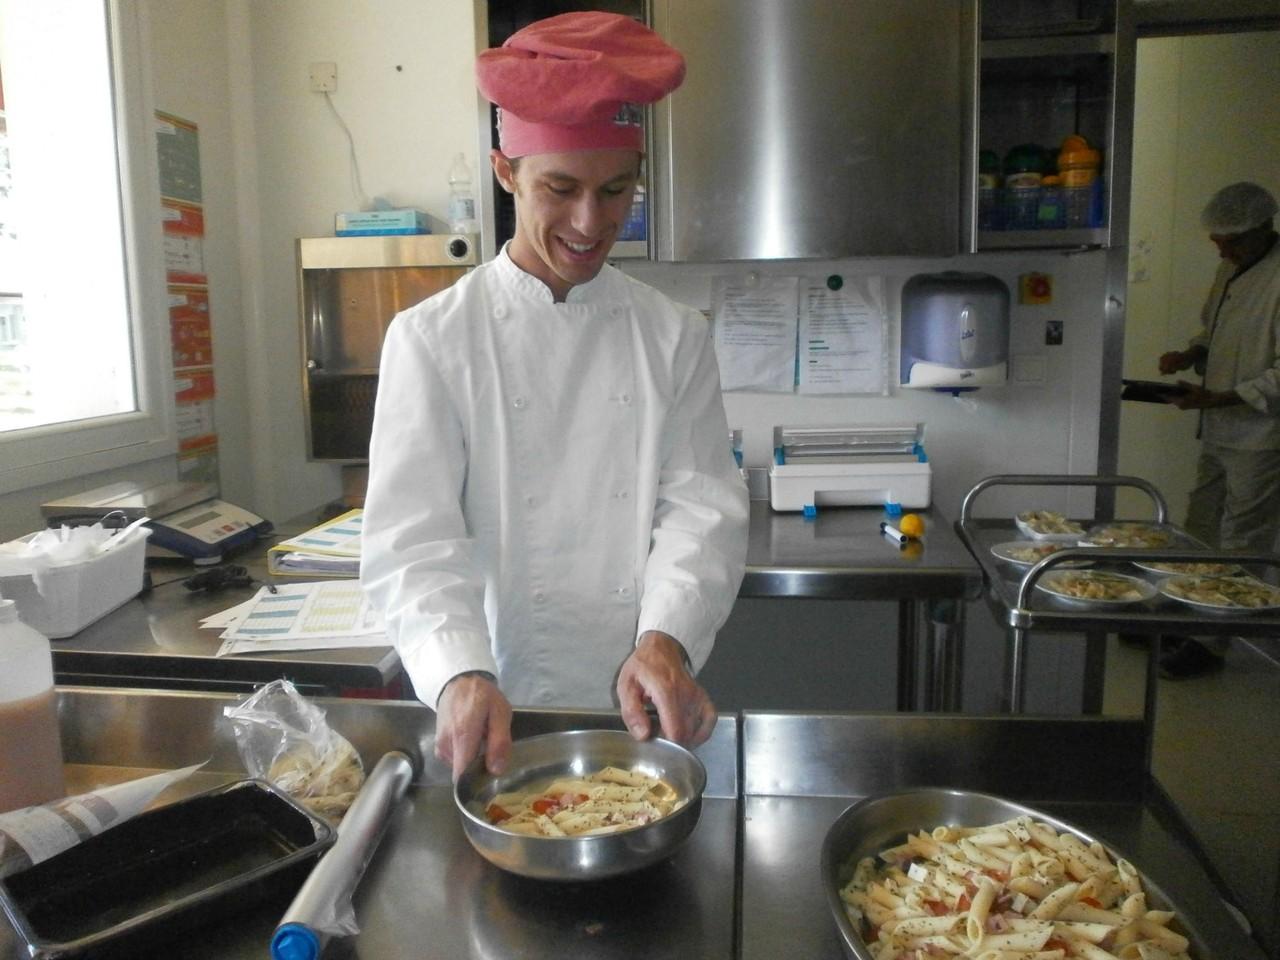 L'atelier cuisine, créer pour soi et pour les autres,  une fonction socialisante